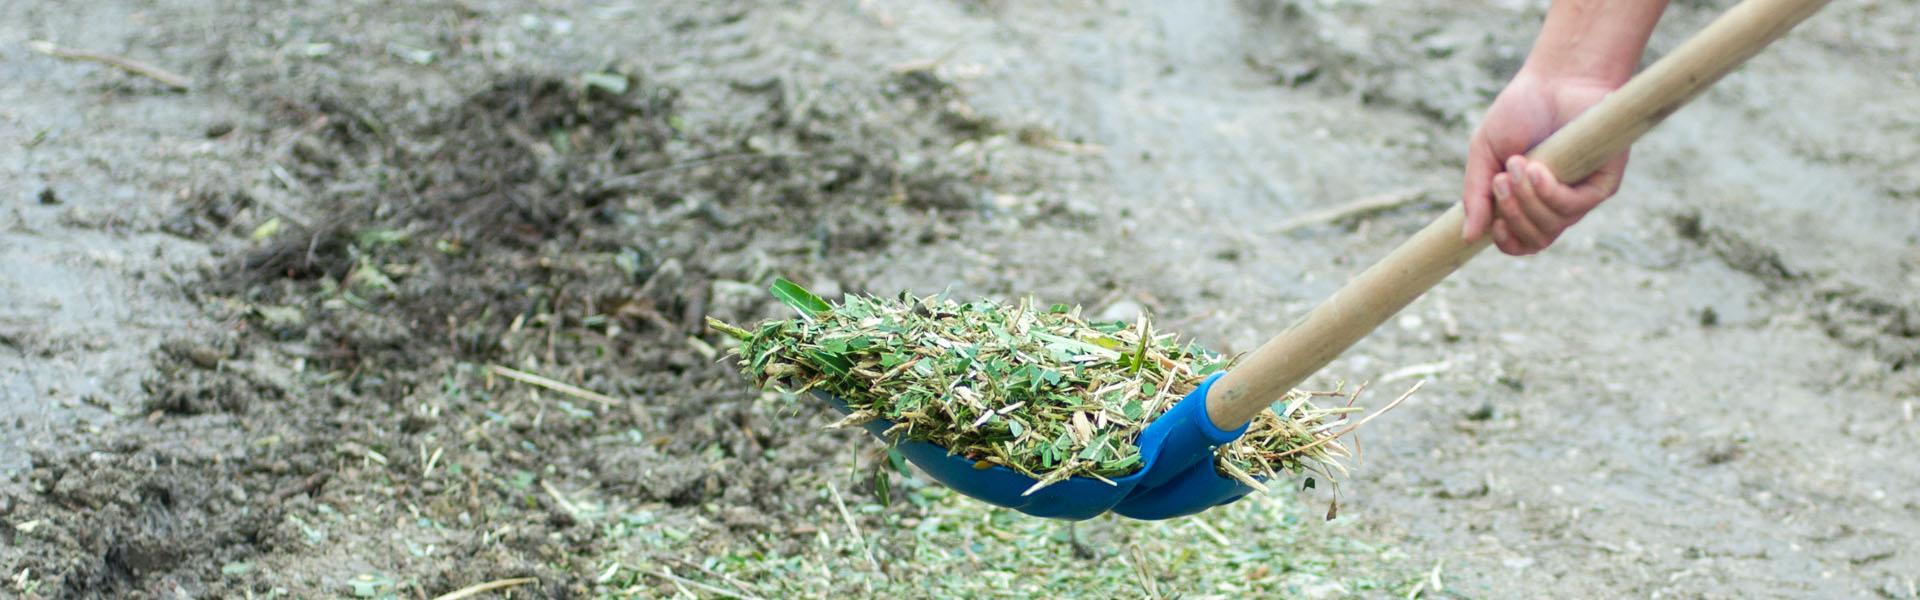 Votre professionnel pour l'aménagement de votre jardin et de vos espaces verts sur le Gard et l'Hérault